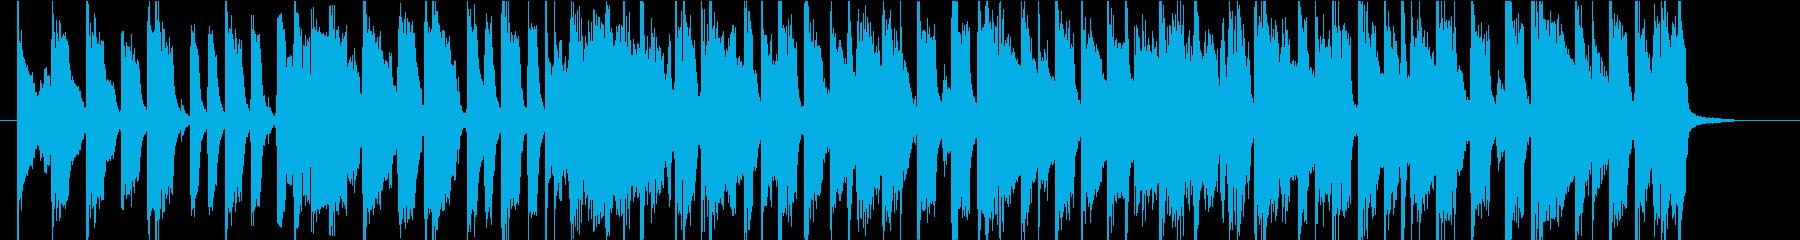 Jackson5風 ポップなオープニングの再生済みの波形